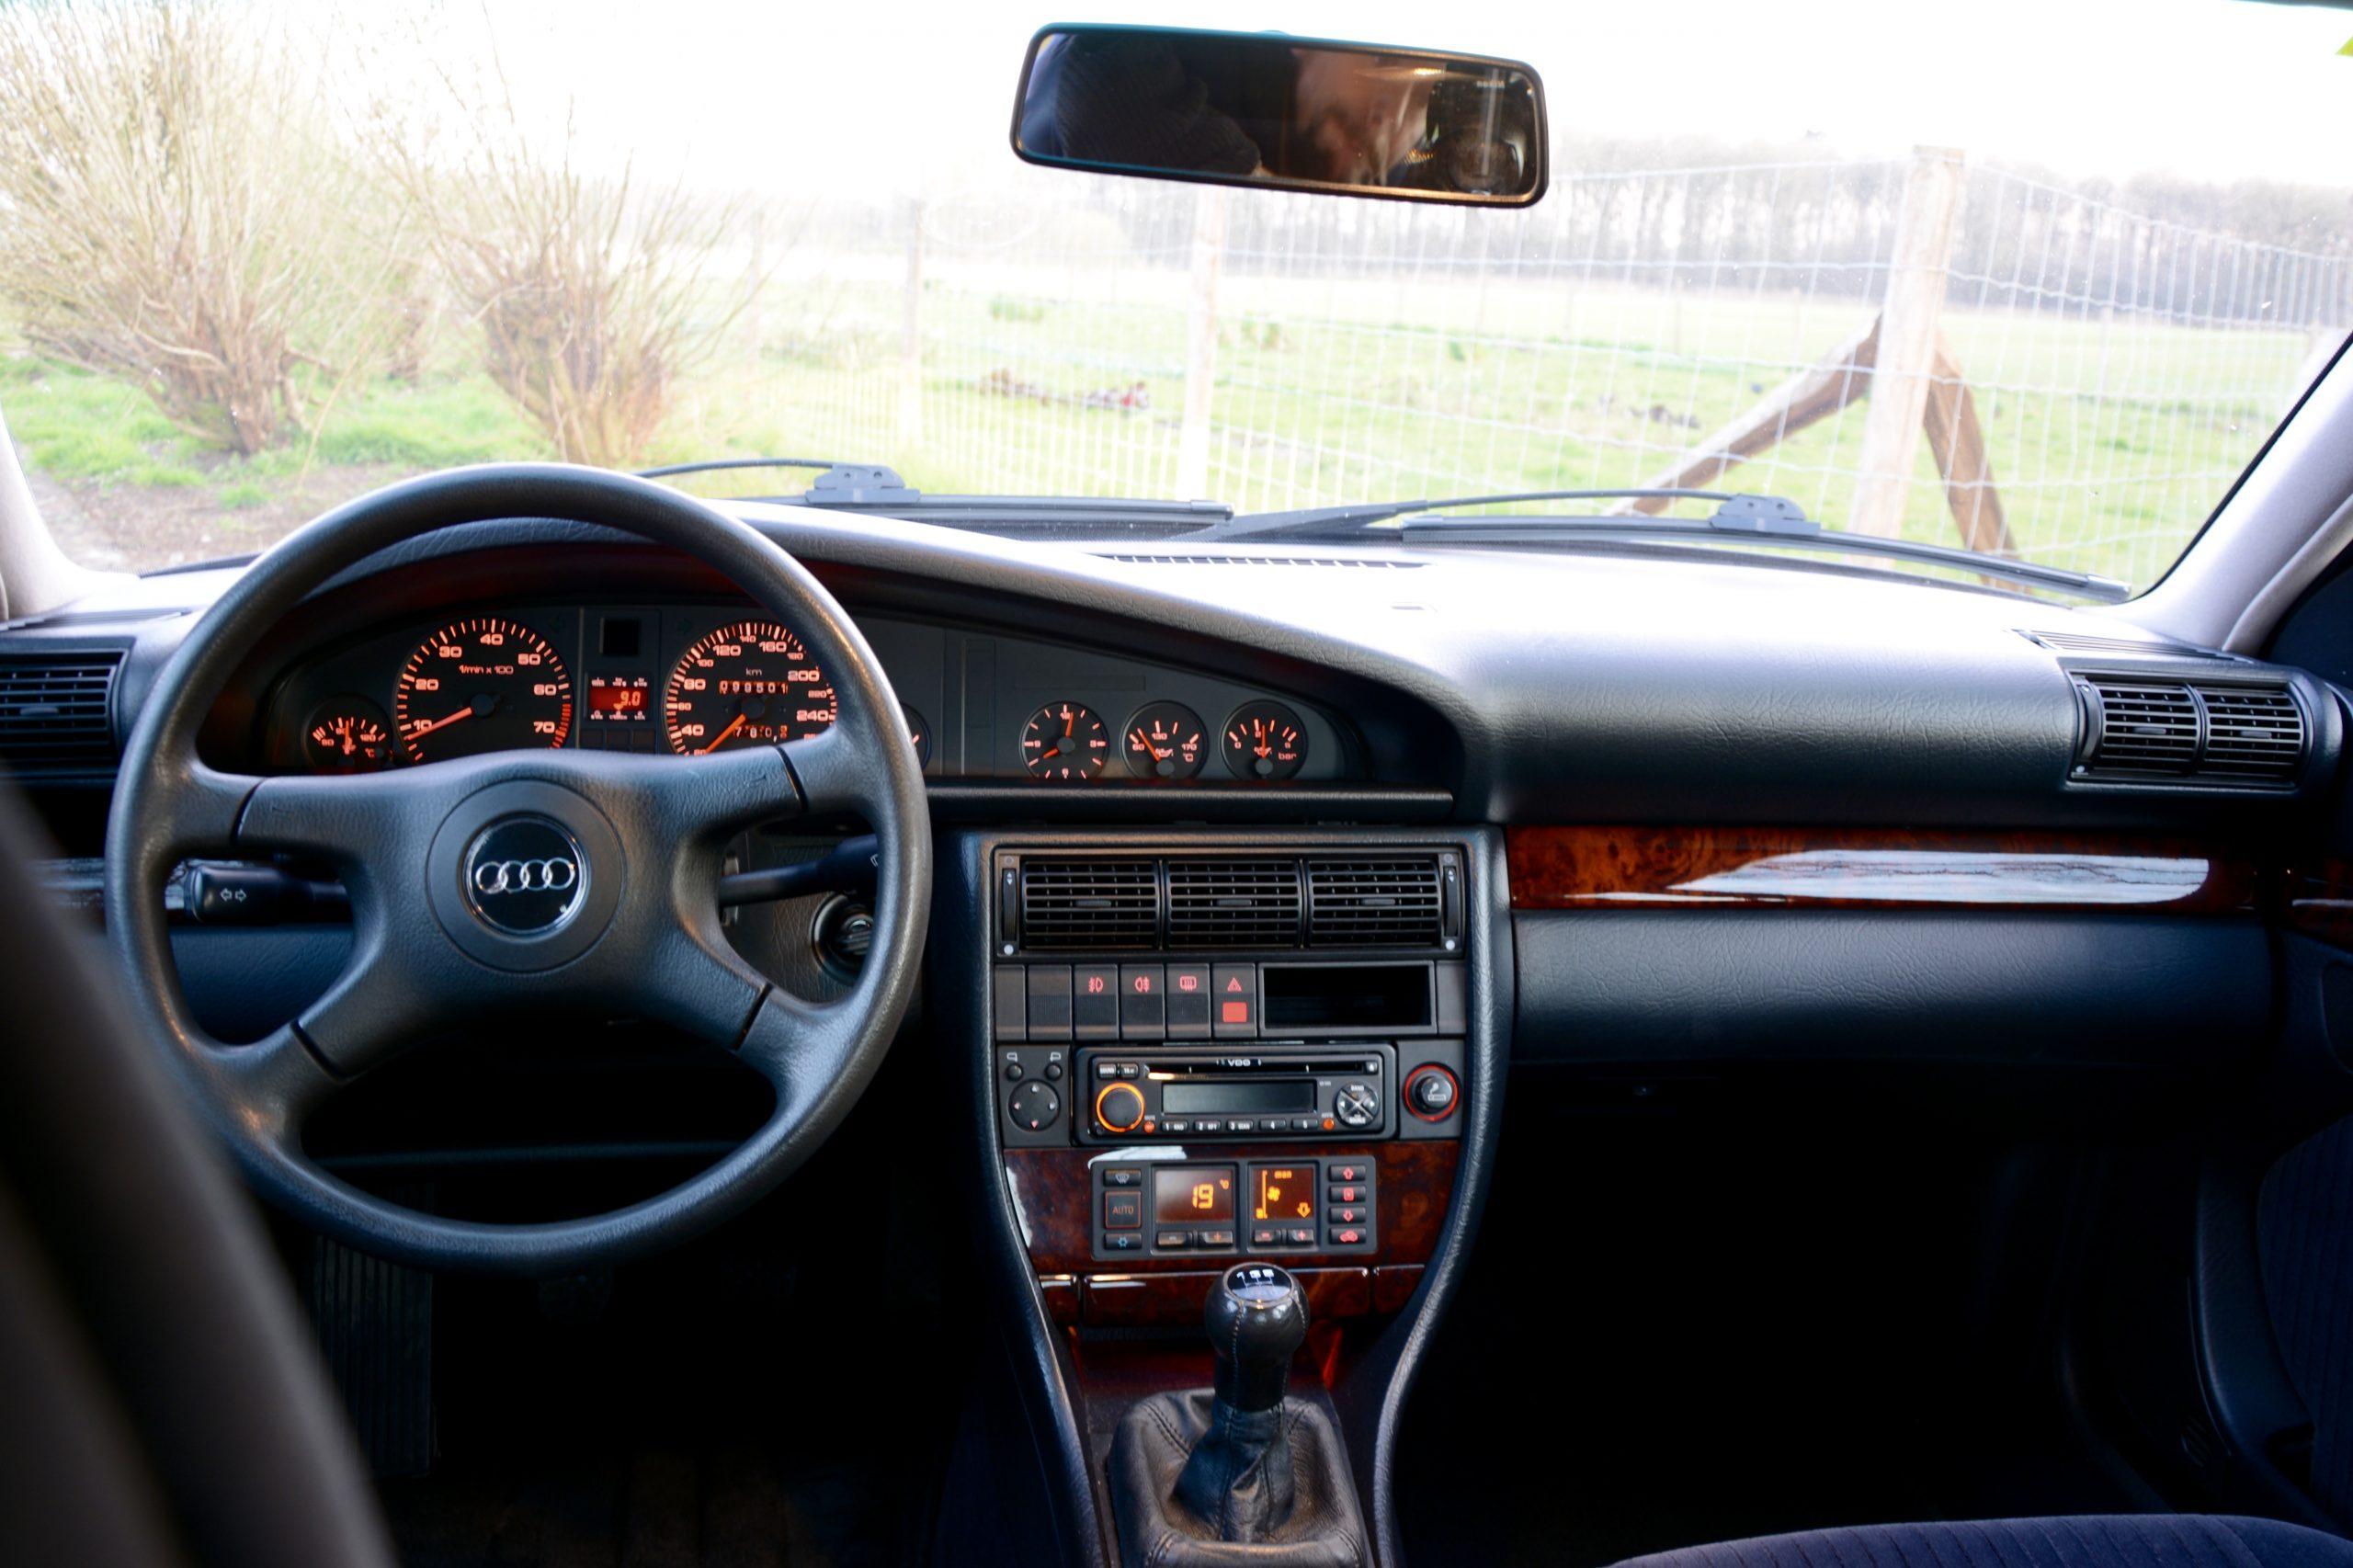 Audi 100 dashboard